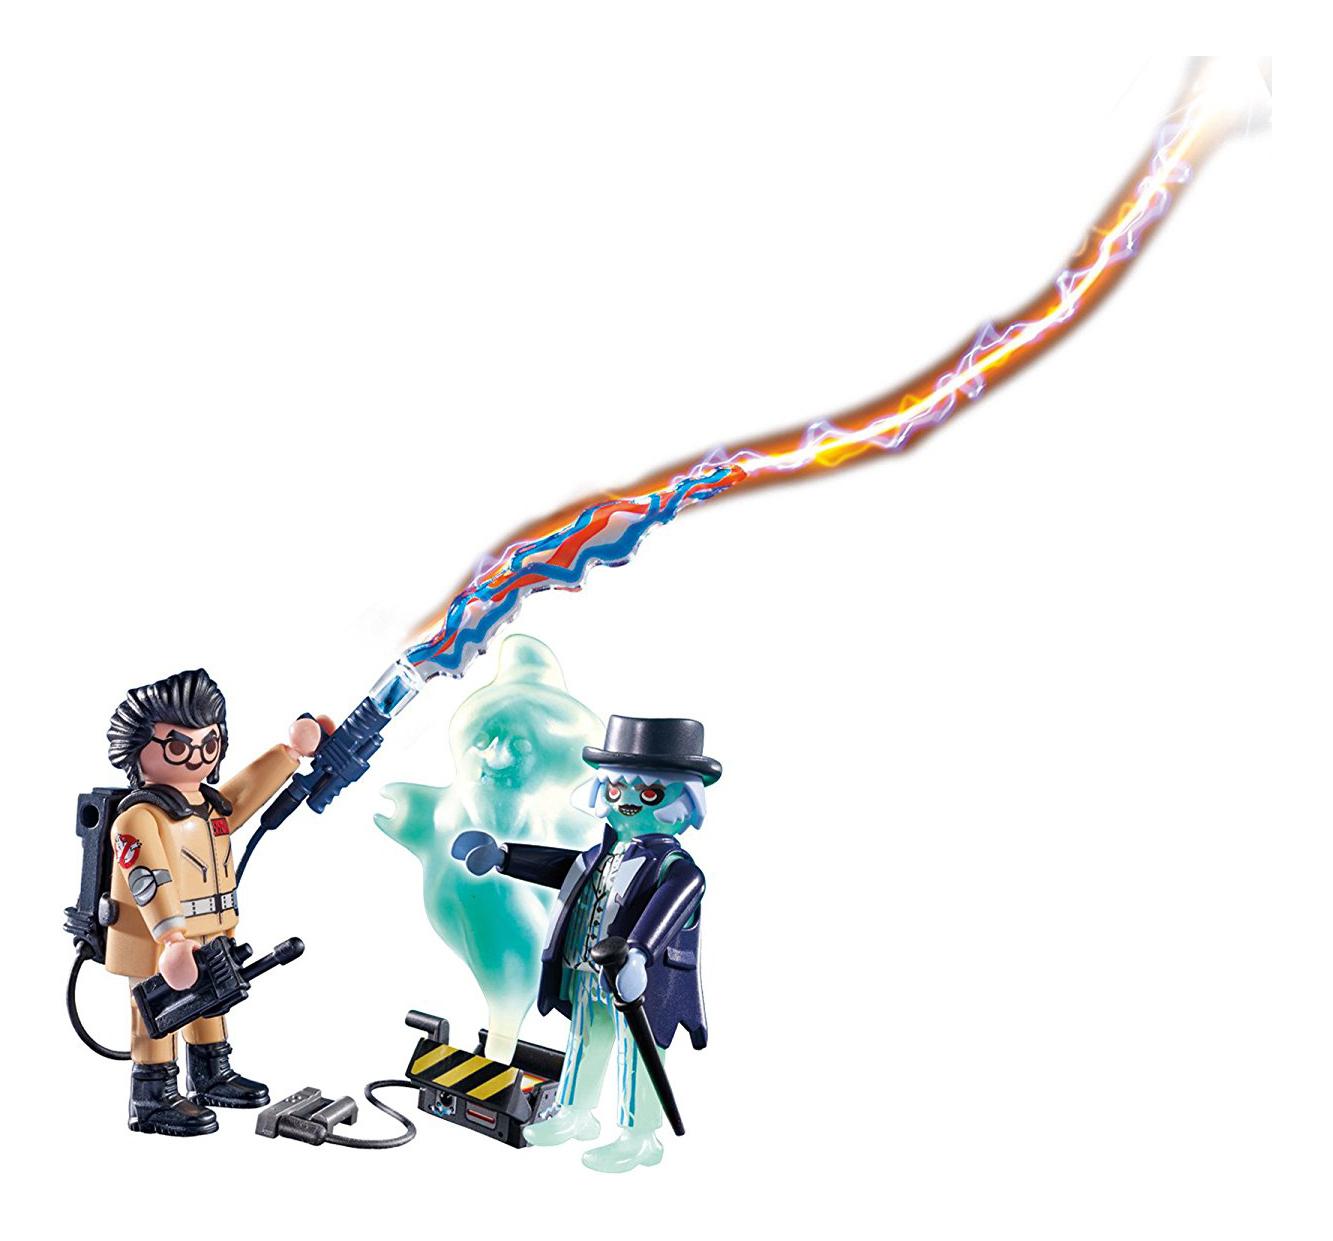 Игровой набор Playmobil PLAYMOBIL Охотники за привидениями: Игон Спенглер и привидение фото